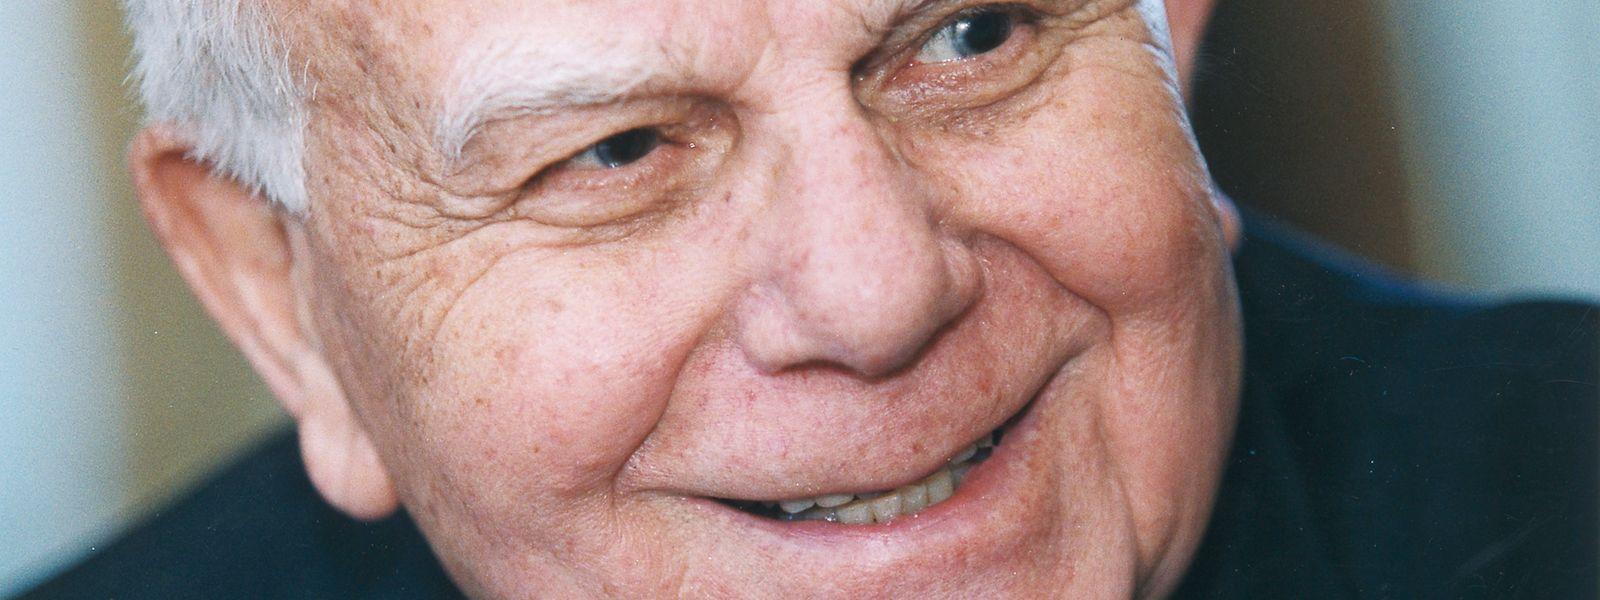 John E. Dolibois wurde am 4. Dezember 1918 in Bonneweg geboren. 1931 wanderte er mit seinem Vater in die USA aus.